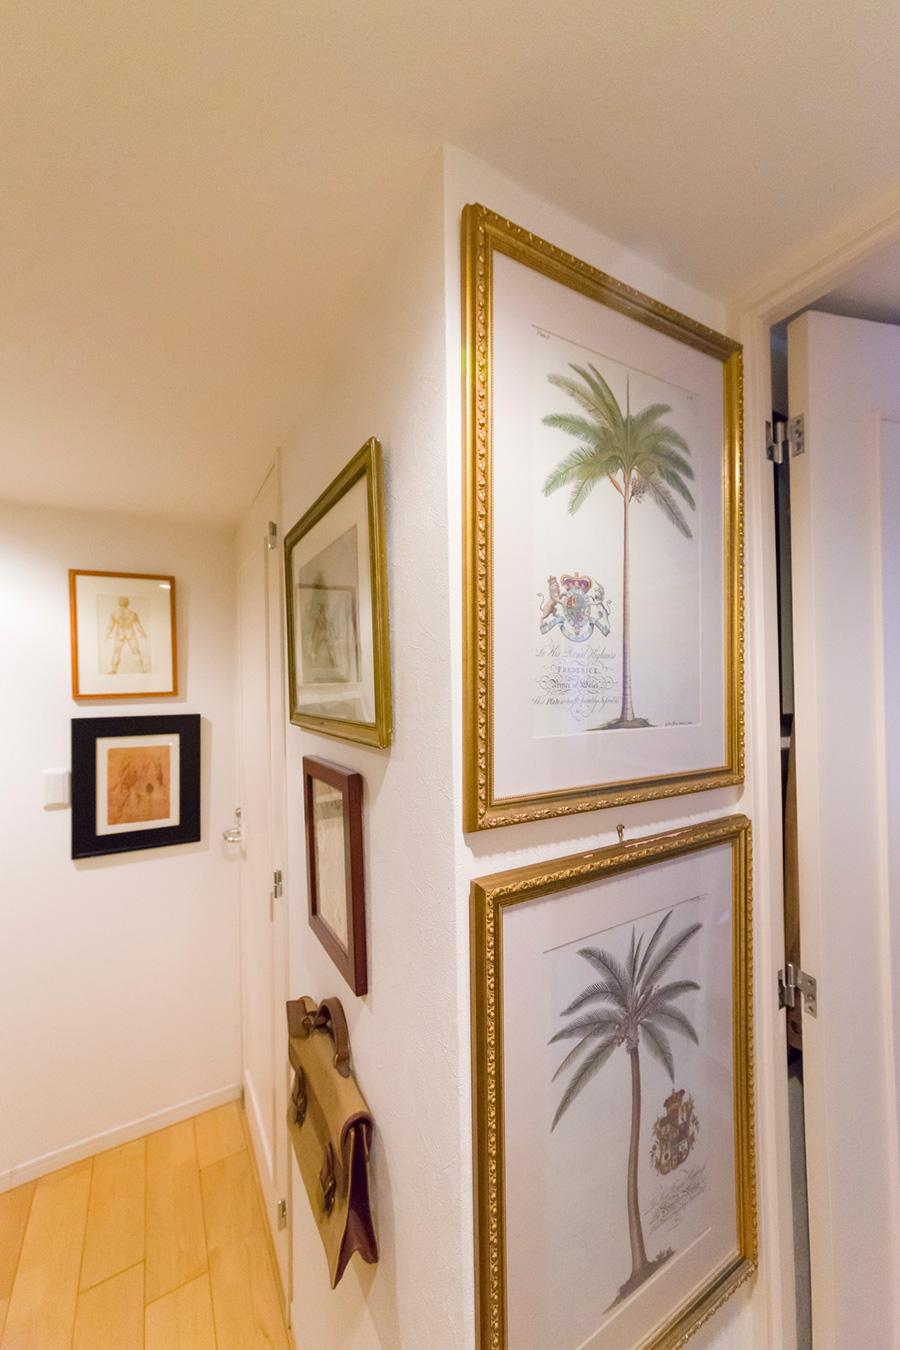 廊下にもたくさんの絵画が。対の絵は上下に並べることも。澤田さんがデザインしたバッグも飾られている。